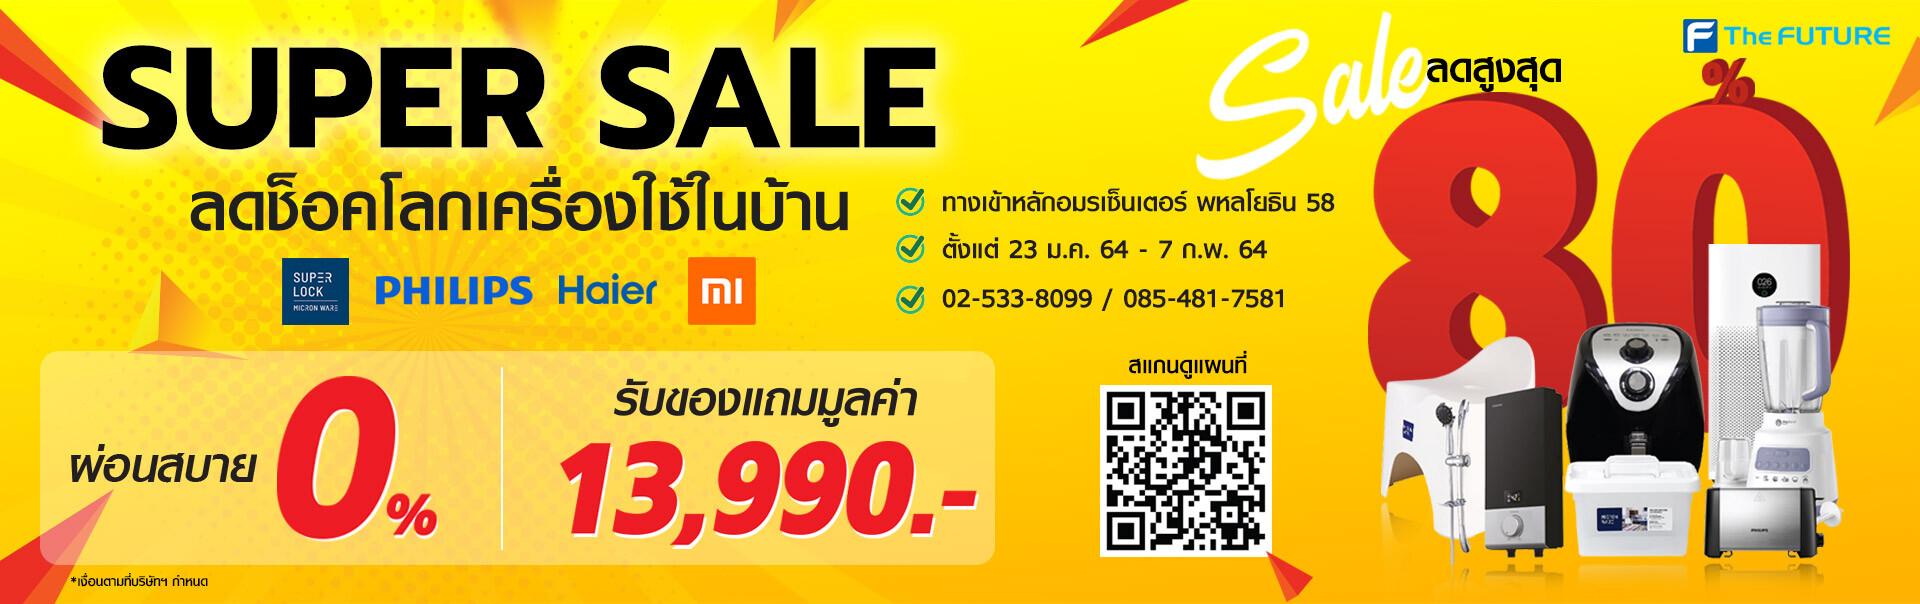 Super Sale ลดราคาเครื่องใช้ในบ้าน ลดช็อคโลก